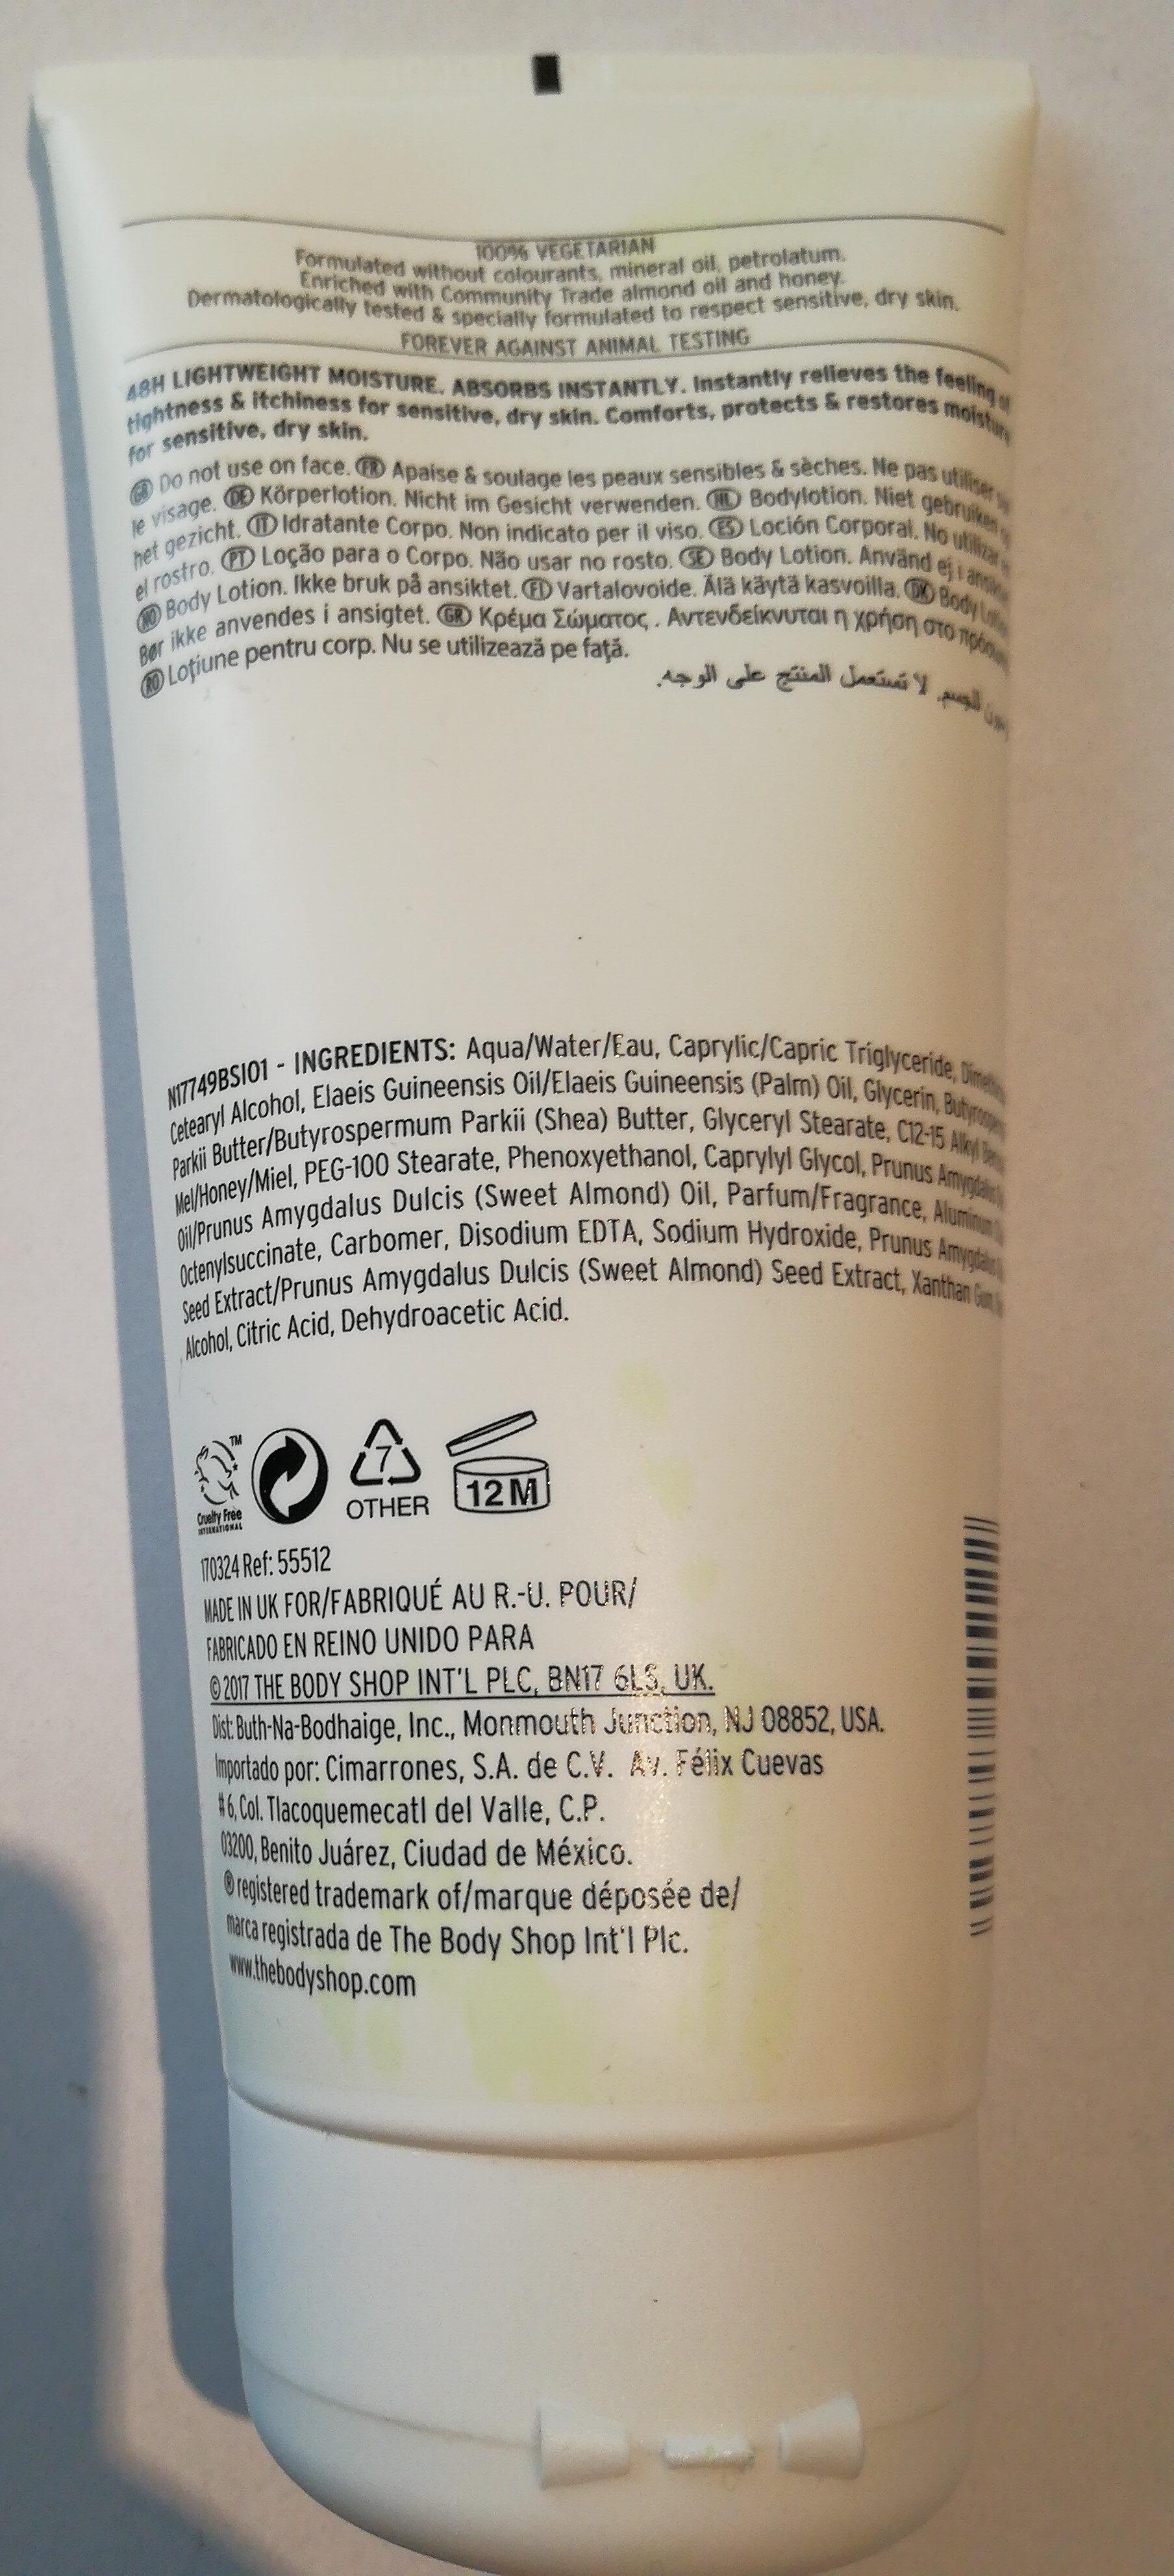 ALMOND MILK & HONEY For Sensitive, Dry Skin - Product - en